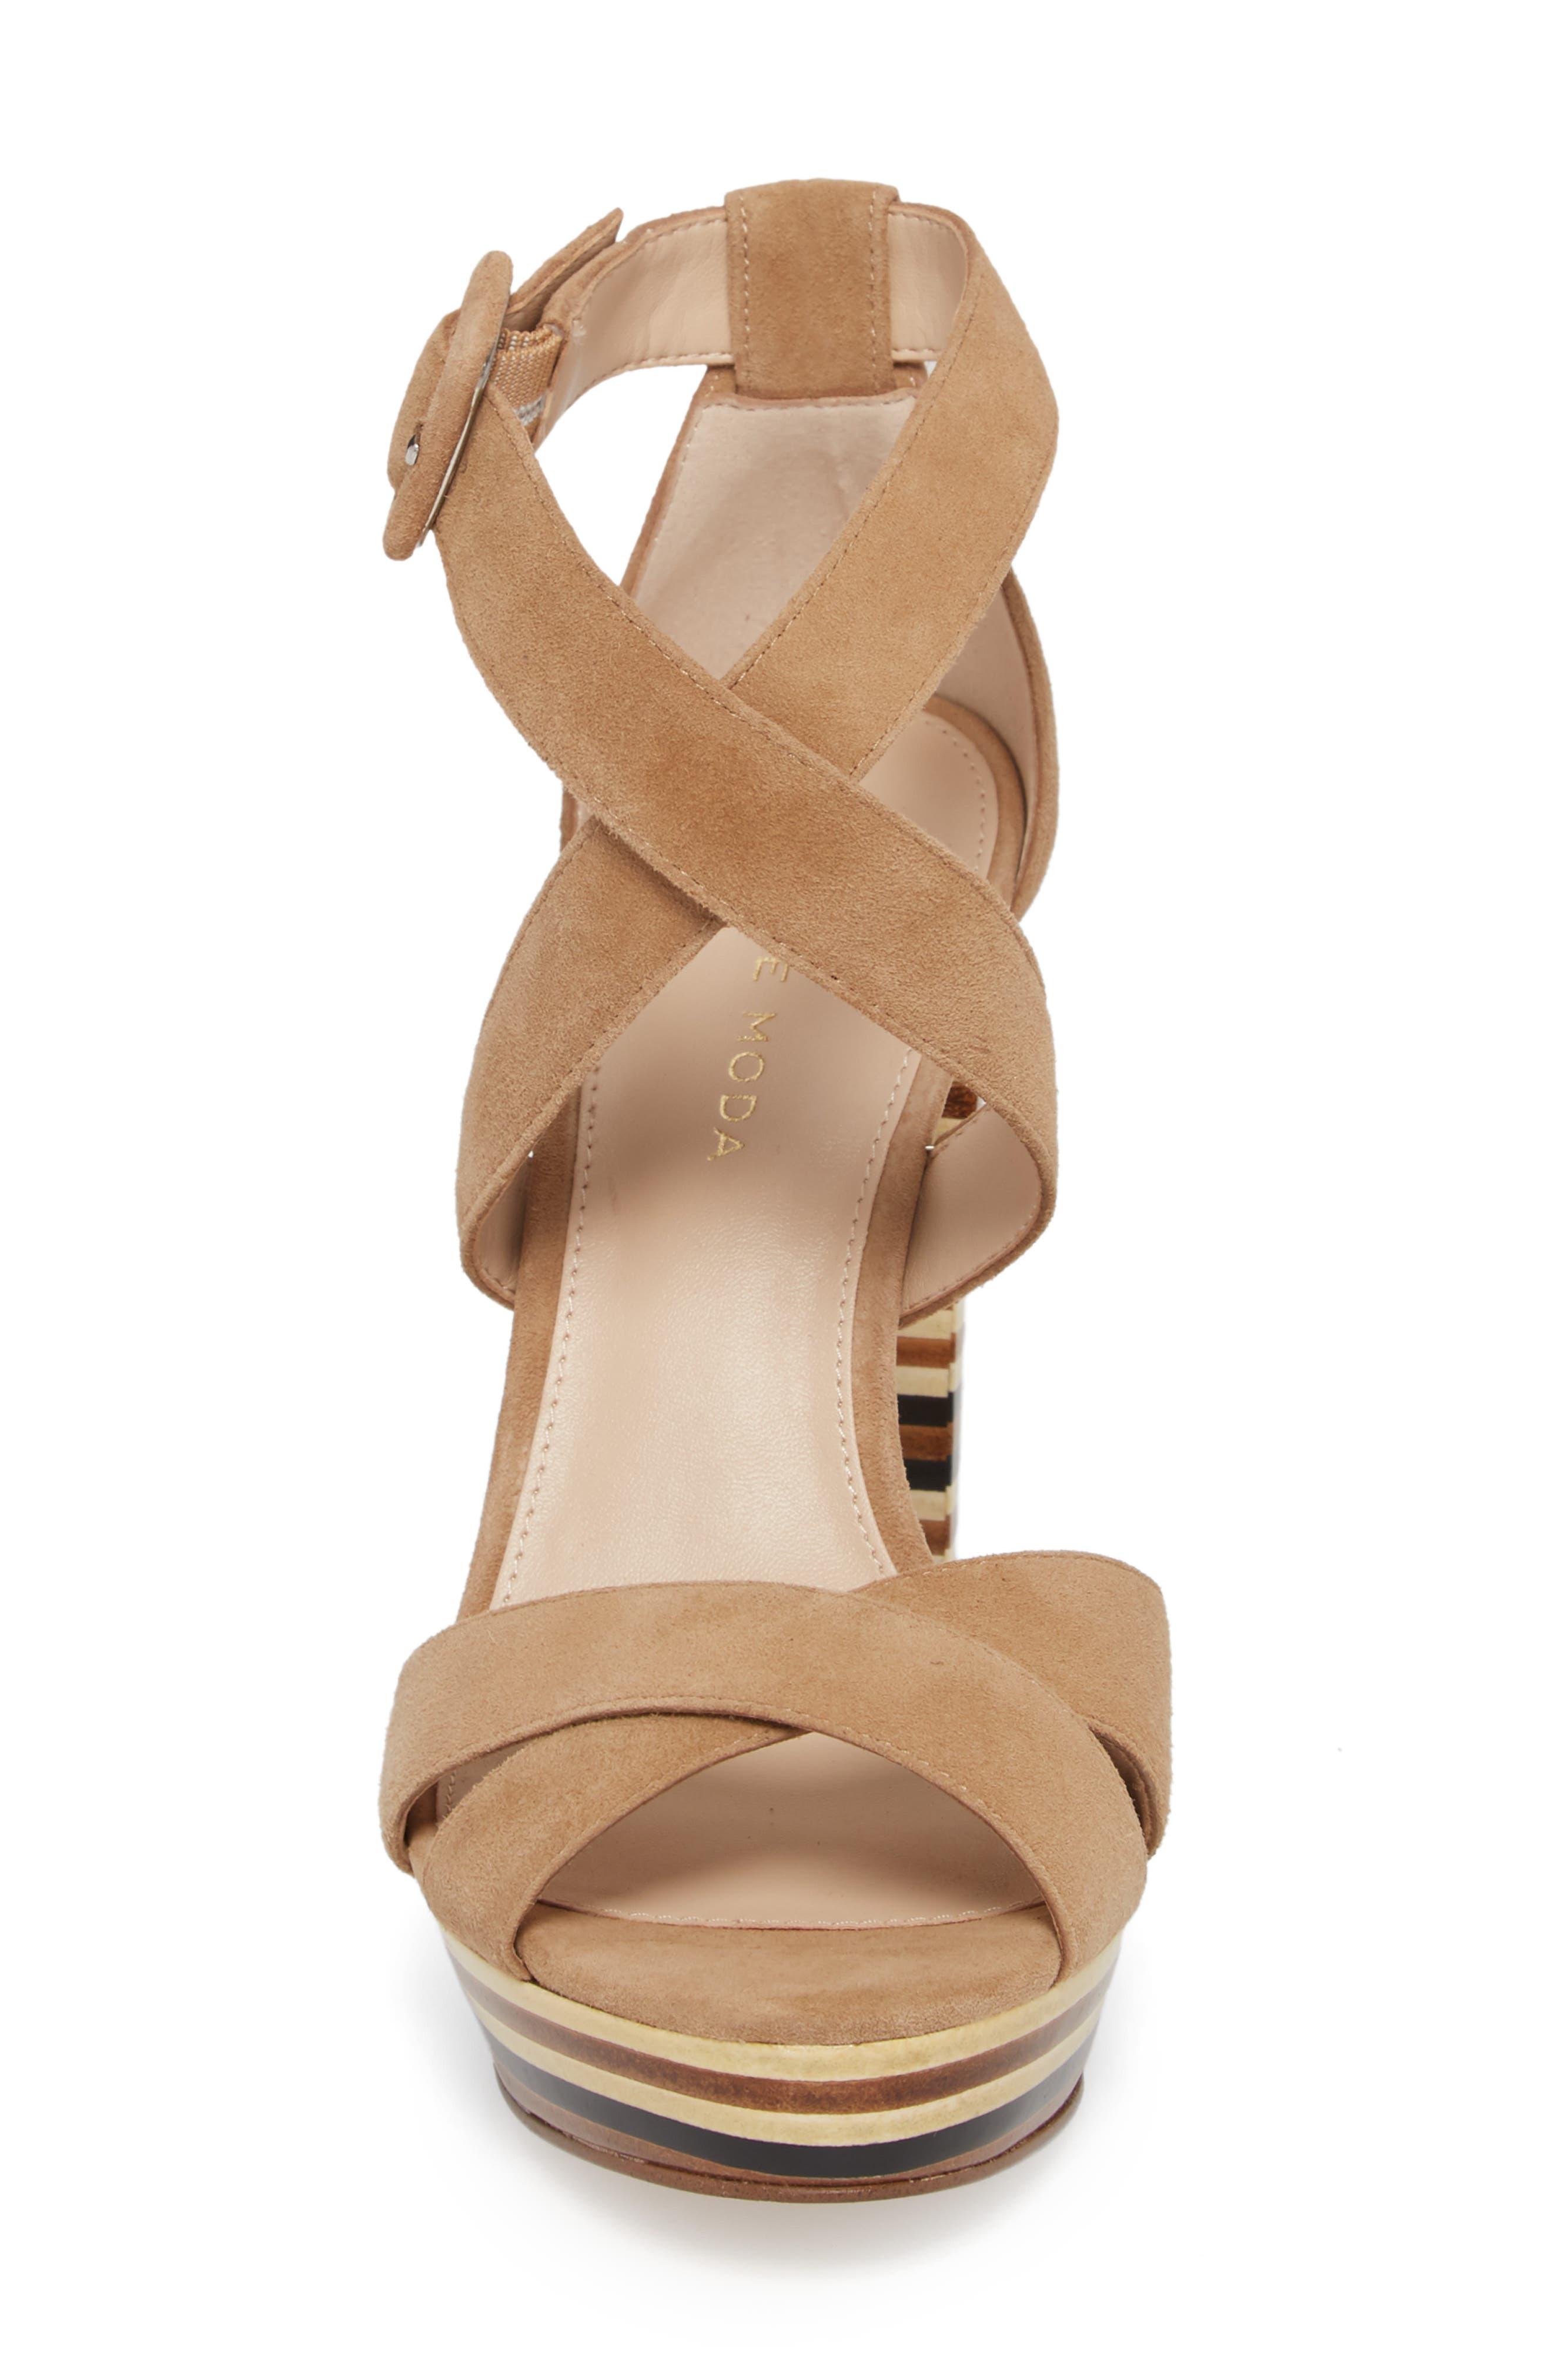 Panama Platform Sandal,                             Alternate thumbnail 4, color,                             LATTE SUEDE